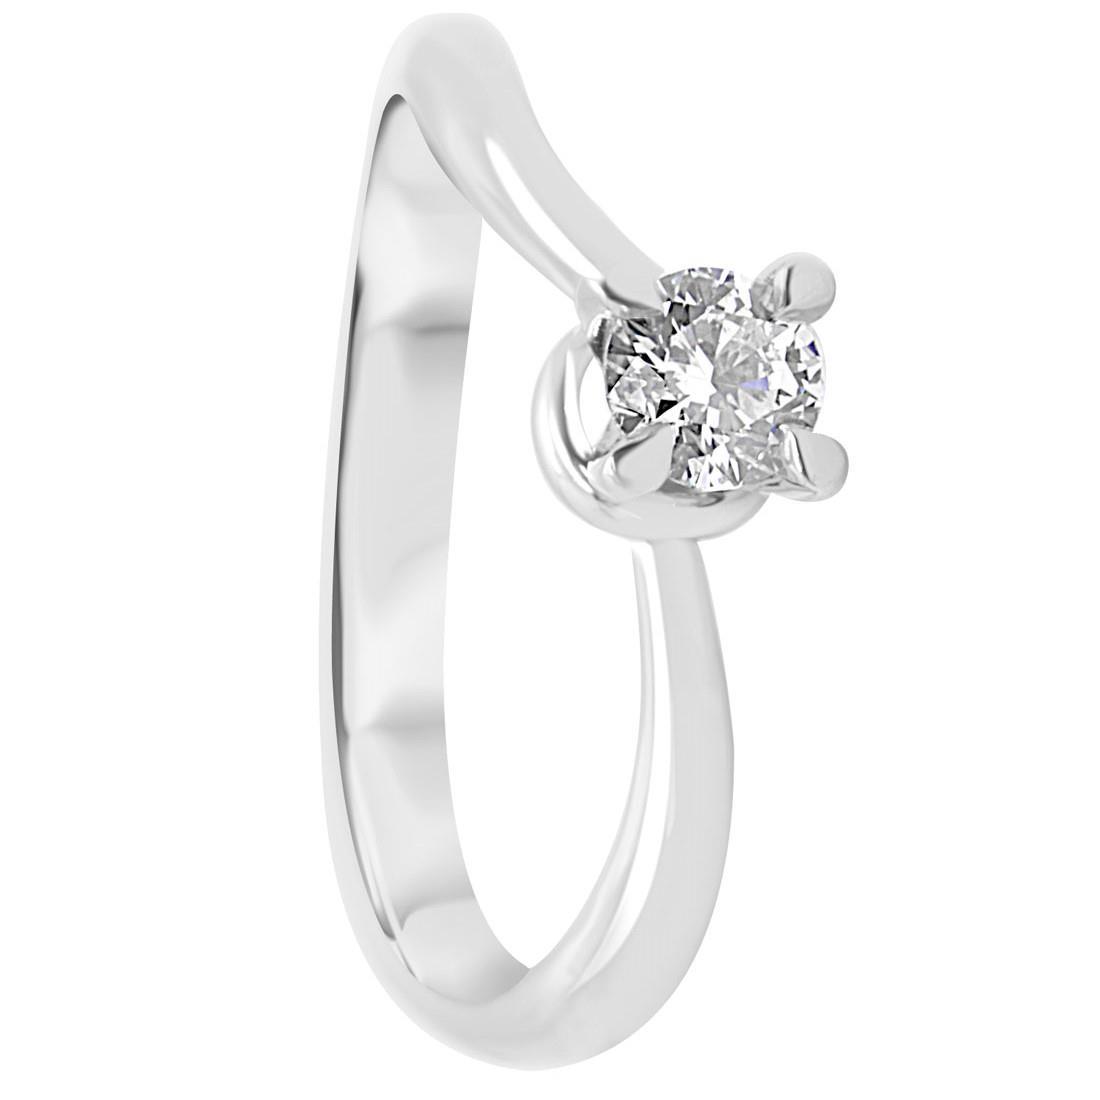 Anello solitario in oro bianco con diamante 0,30 ct mis 15 - ORO&CO